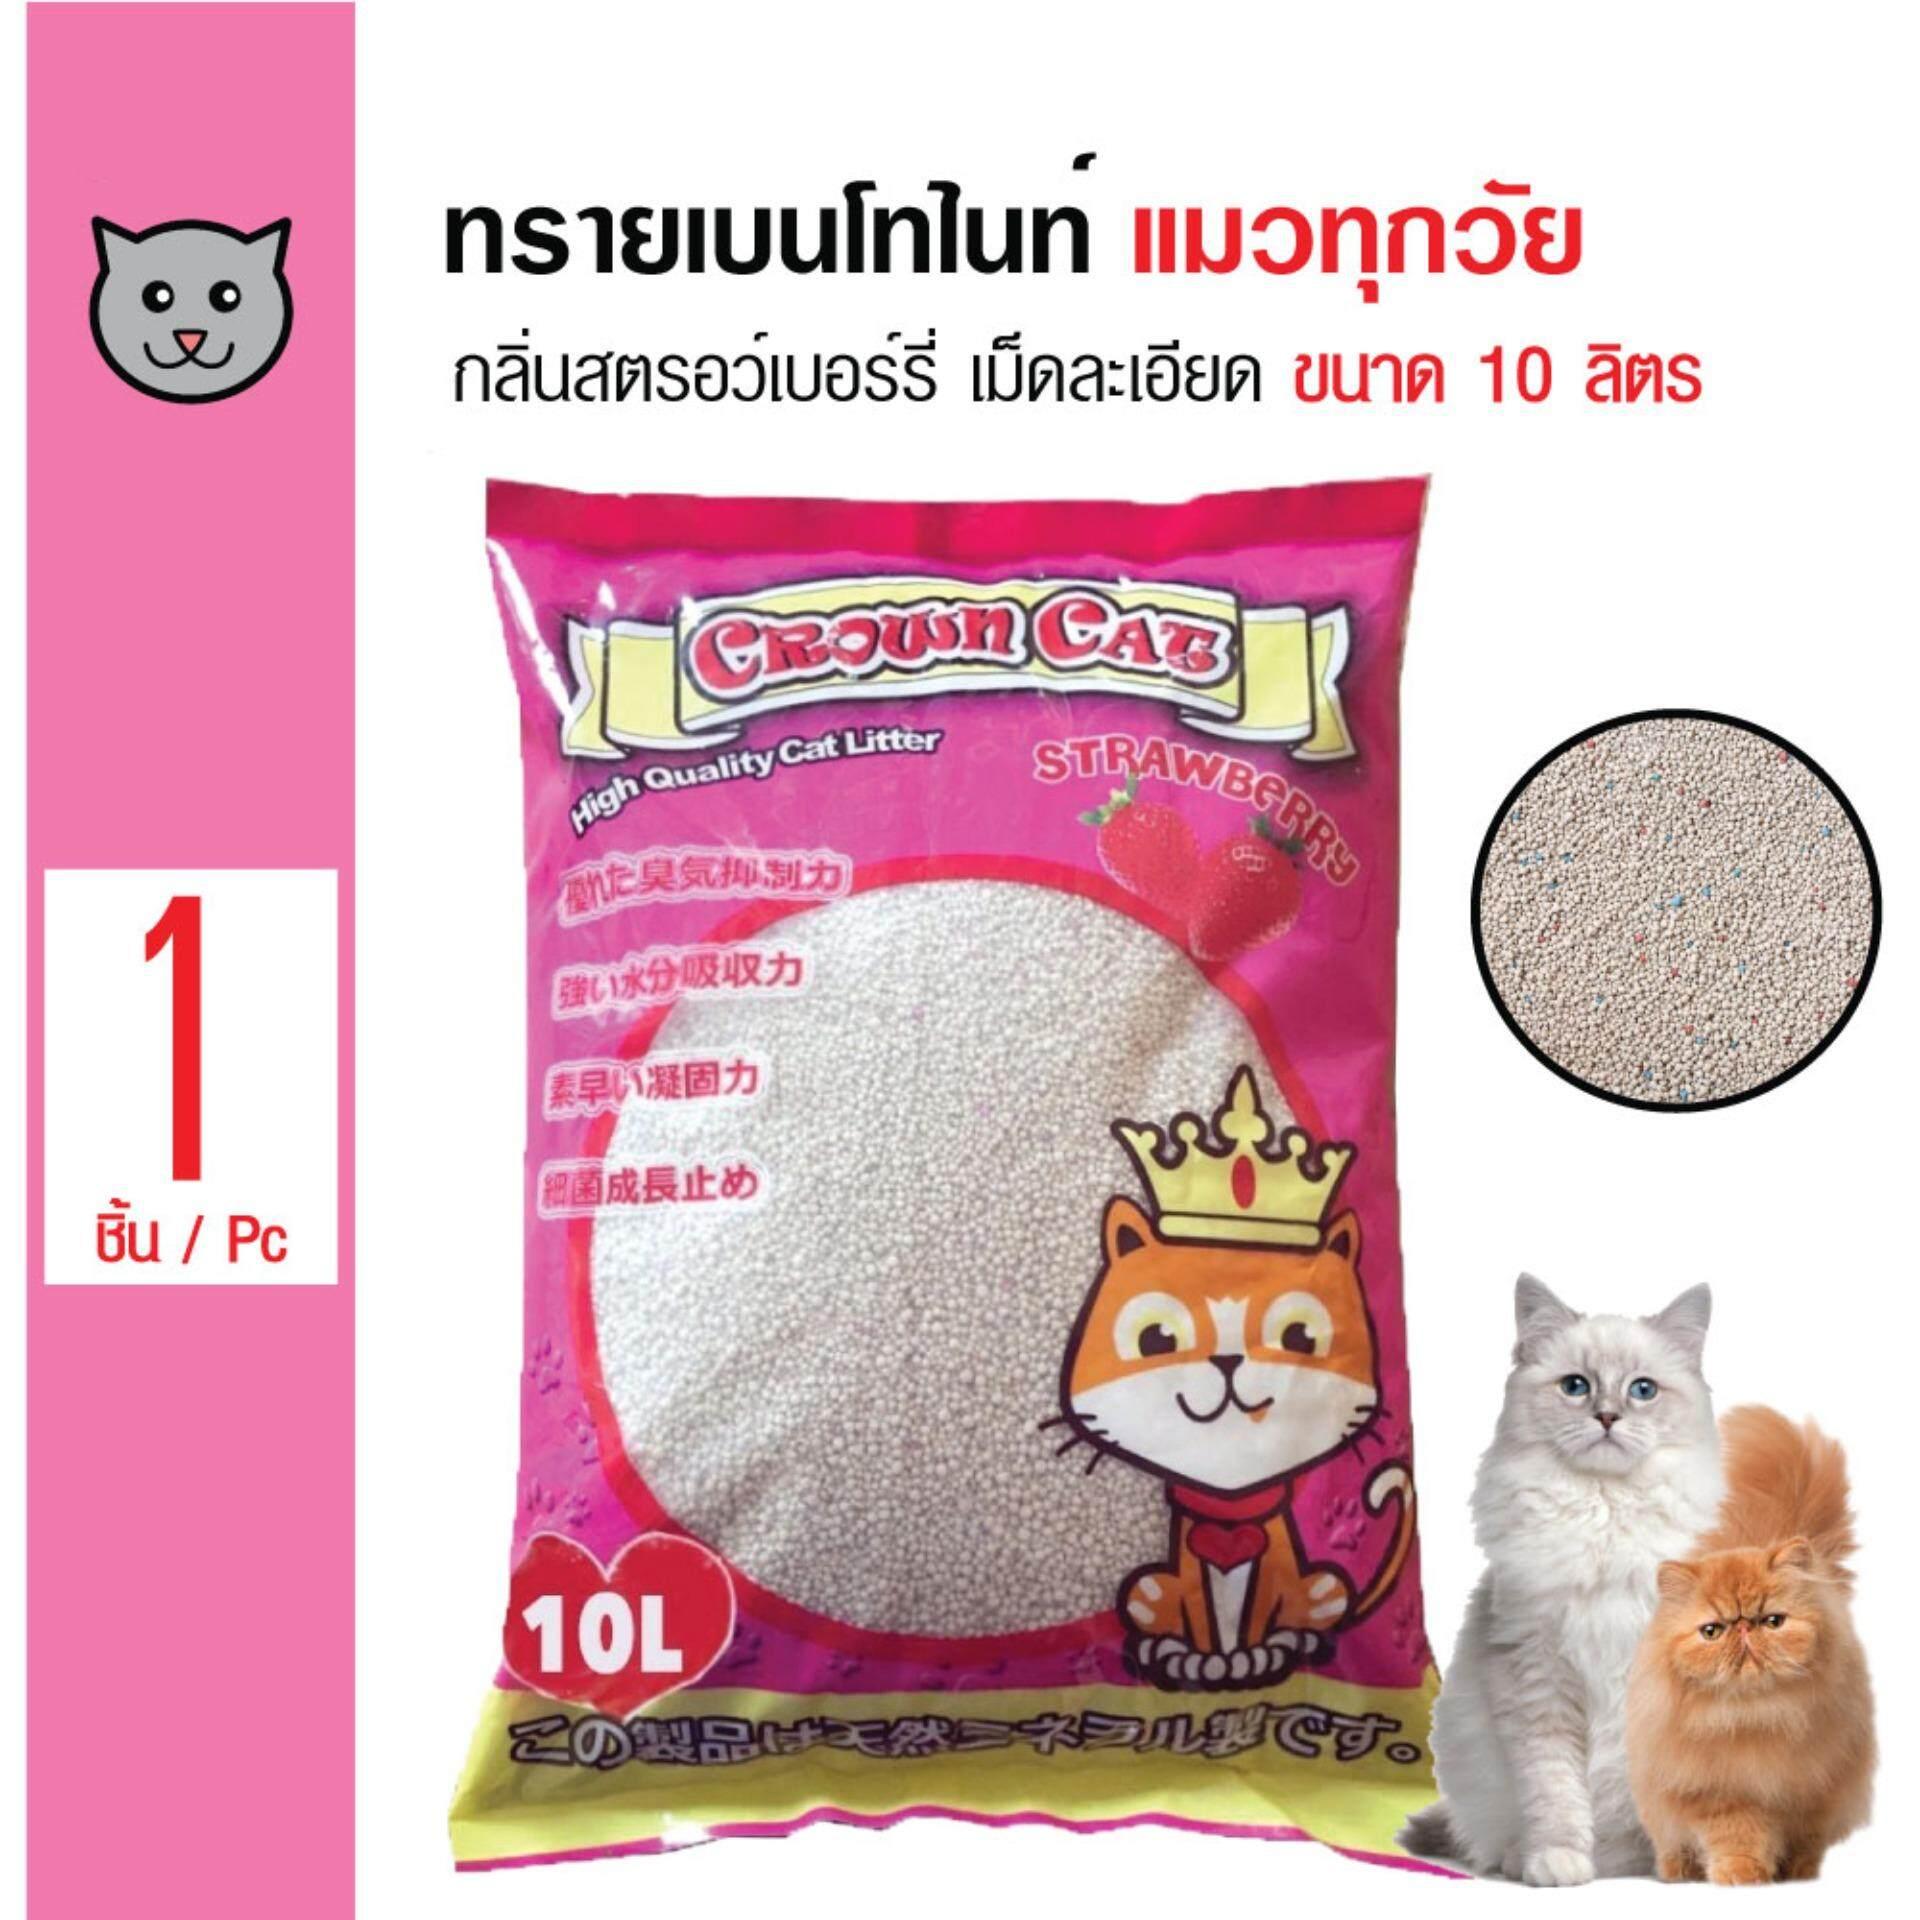 Crown Cat ทรายแมวเบนโทไนท์ กลิ่นสตรอเบอร์รี จับเป็นก้อนดี ฝุ่นน้อย สำหรับแมวทุกวัย ขนาด 10 ลิตร